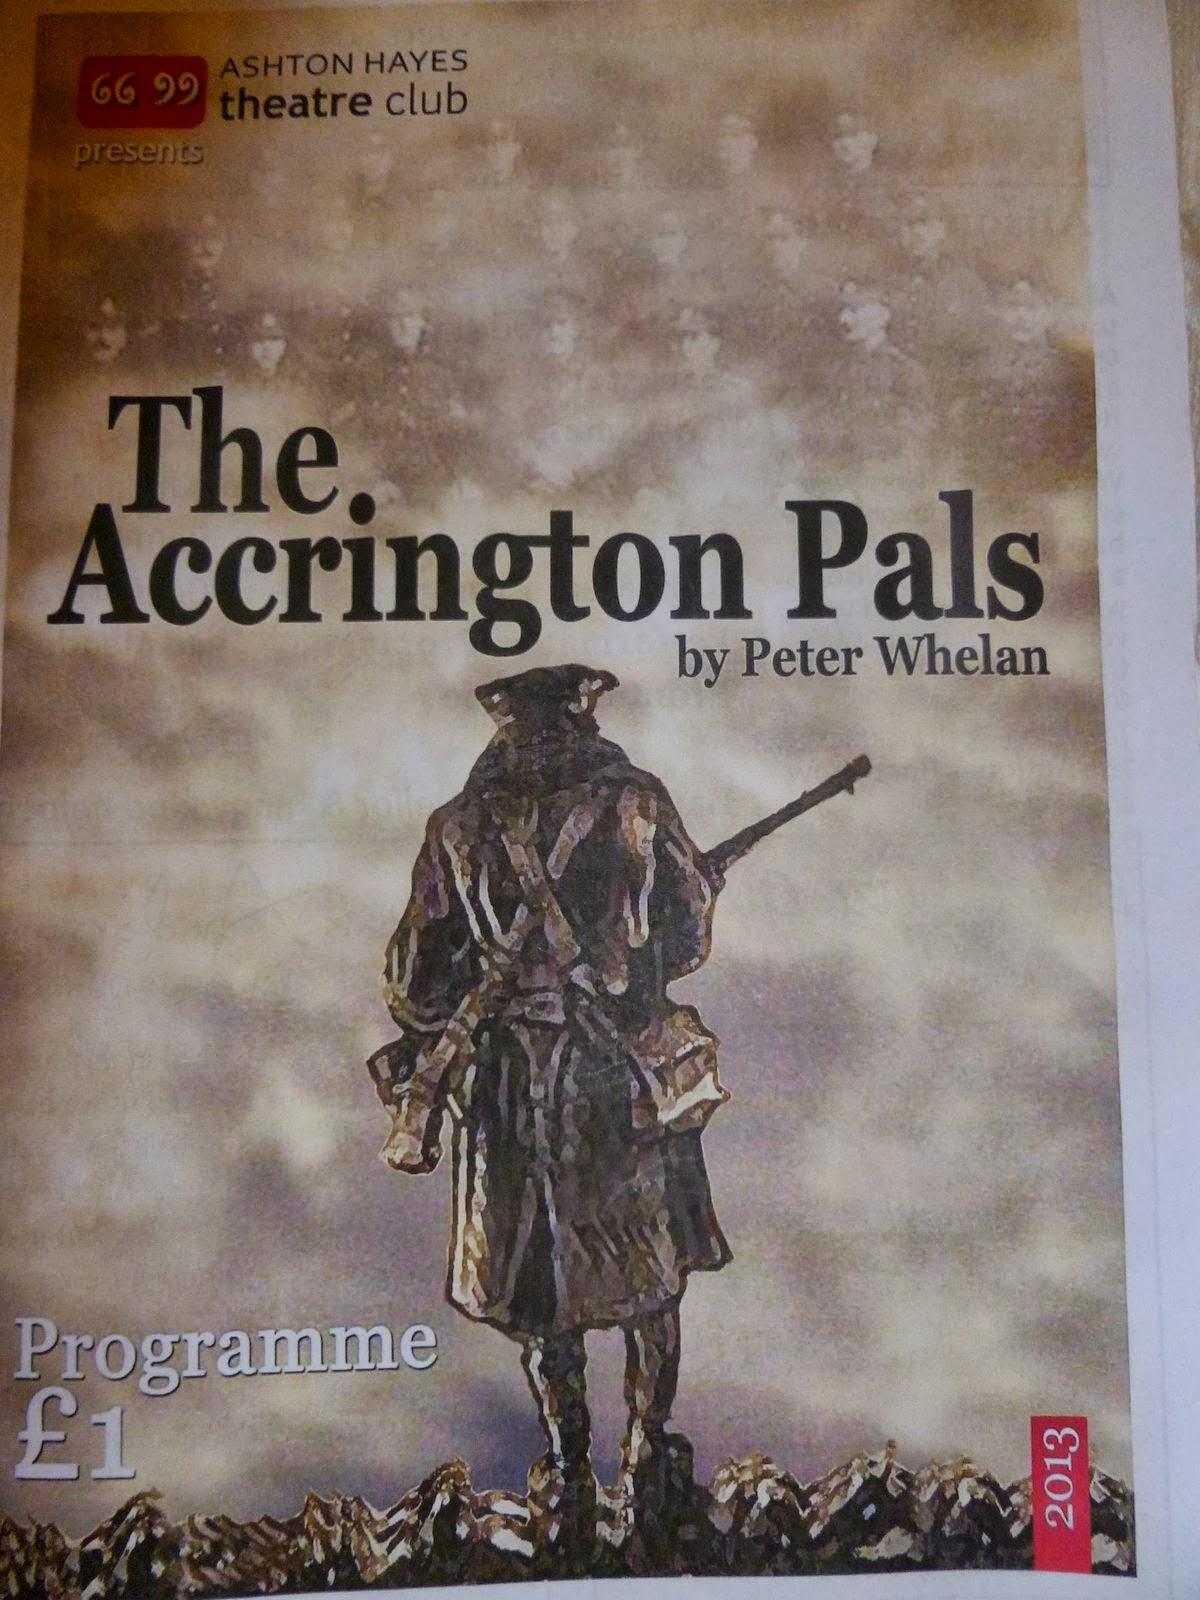 Accrington pals essay